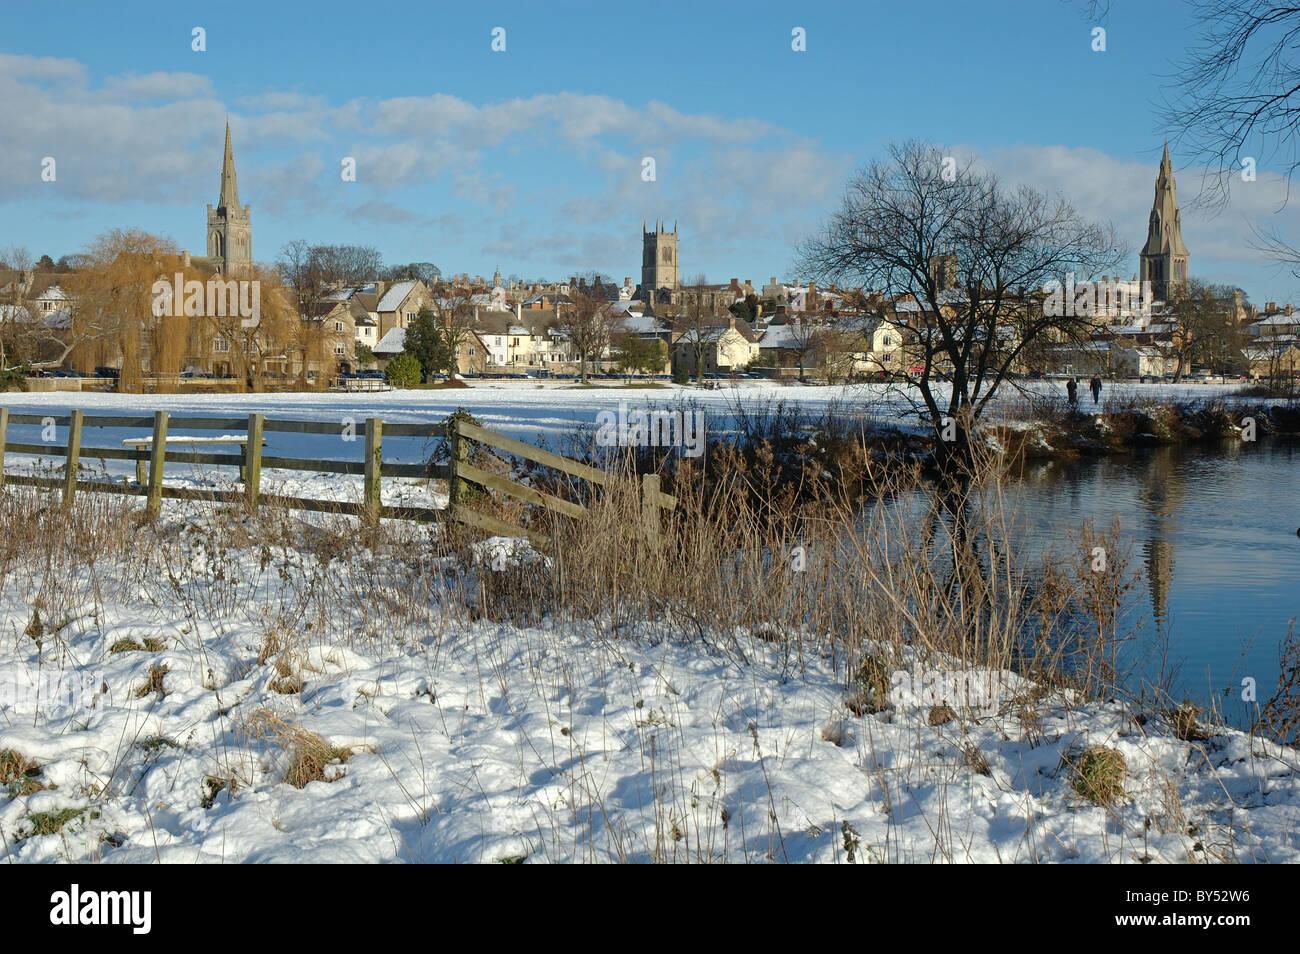 england winter